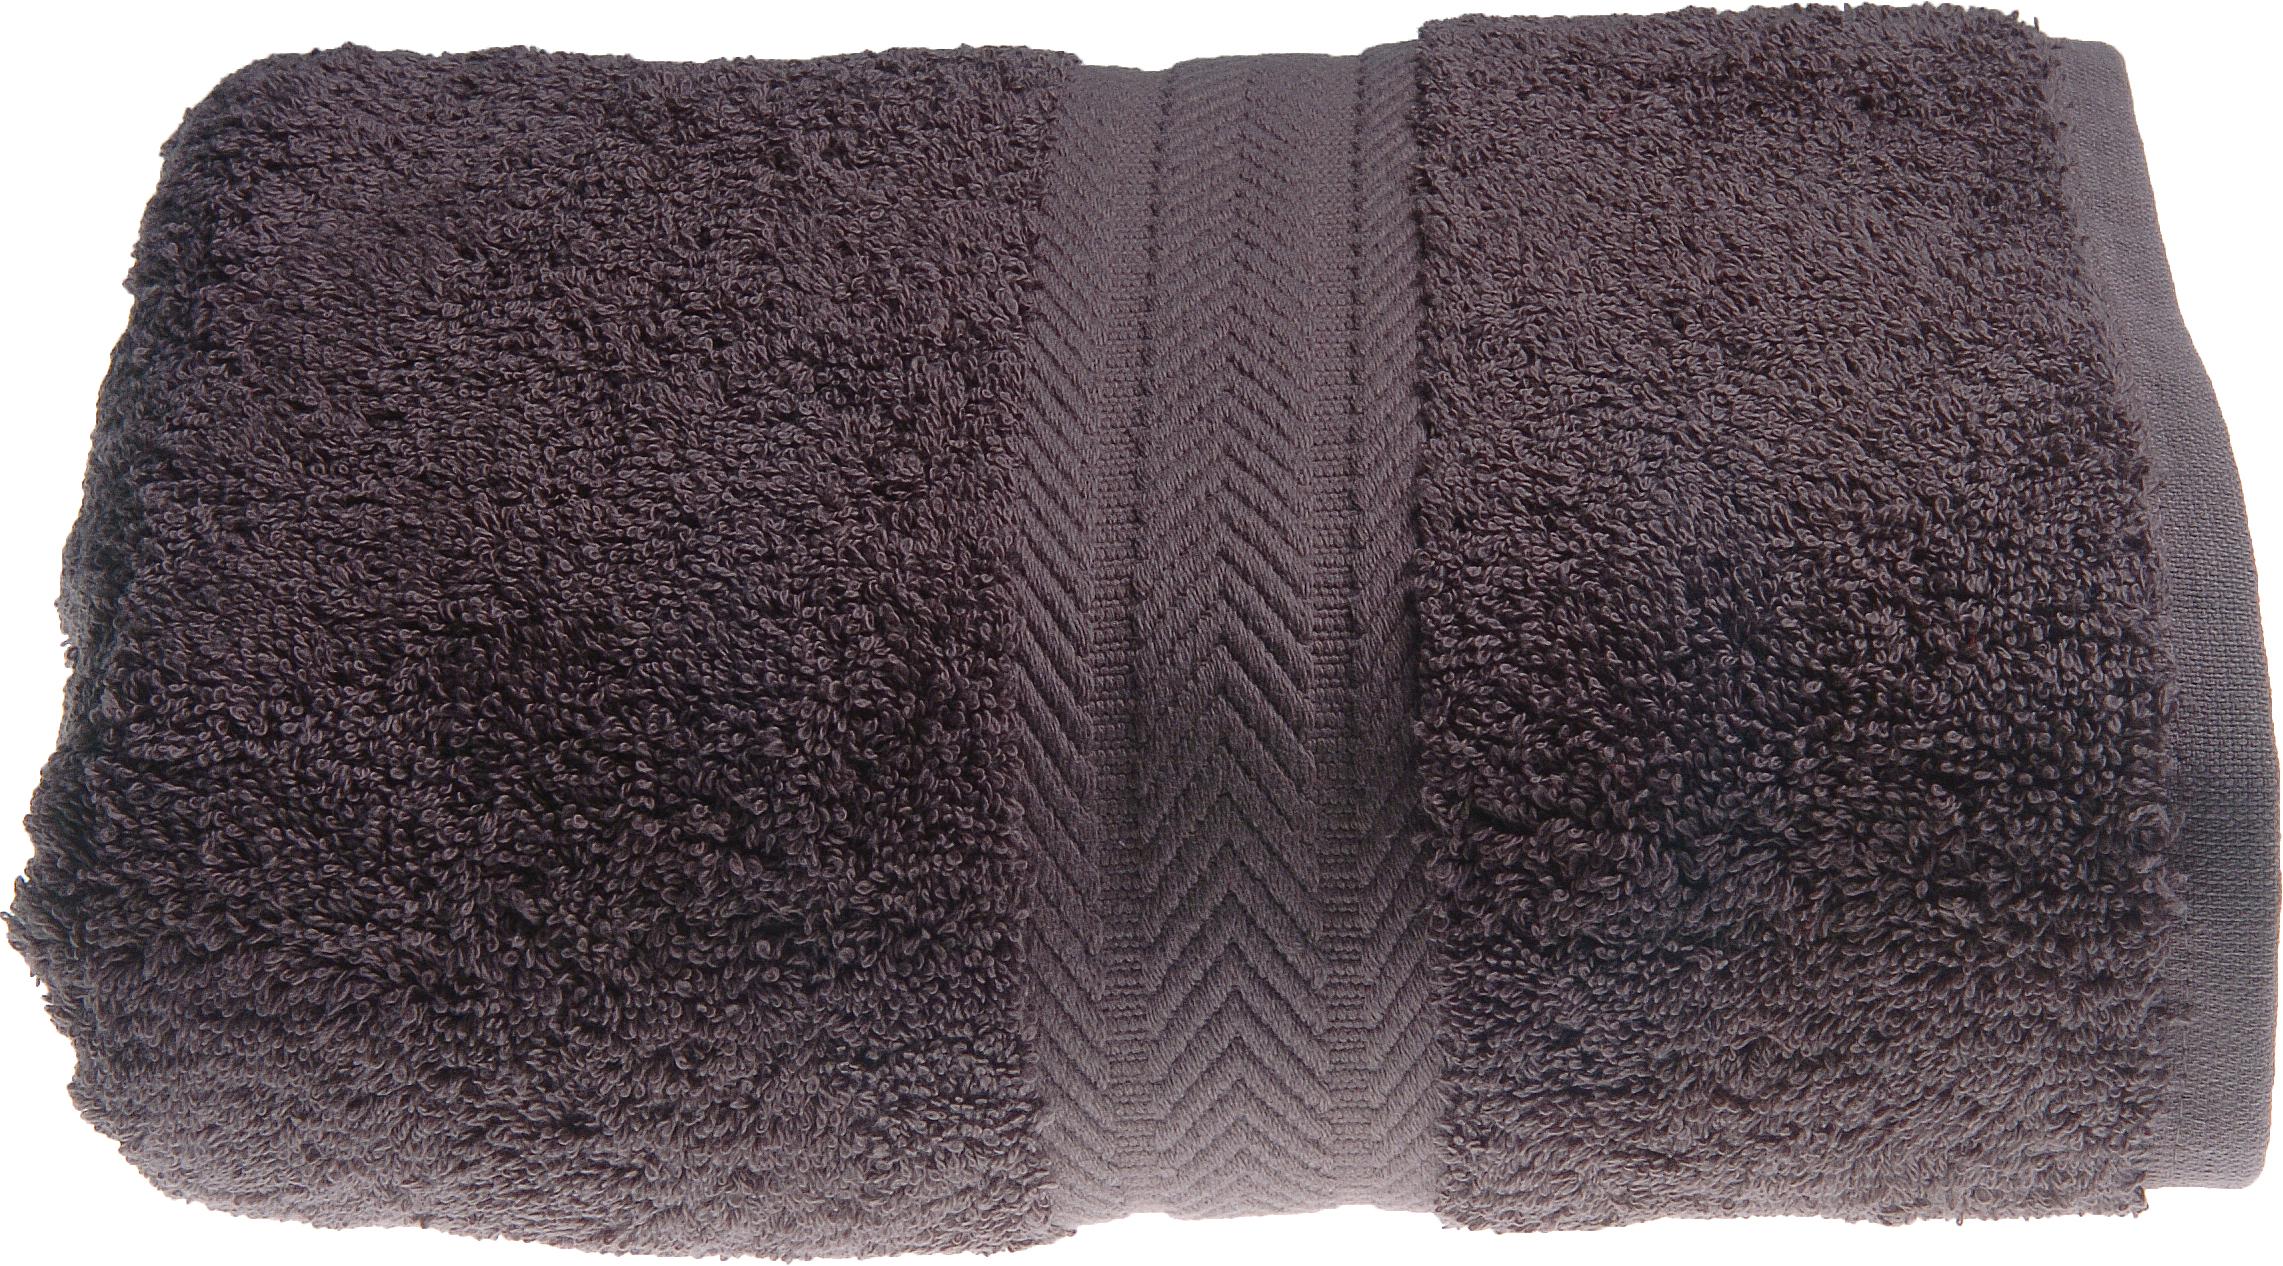 Drap de bain 100 x 150 cm en Coton couleur Vison (VISON)